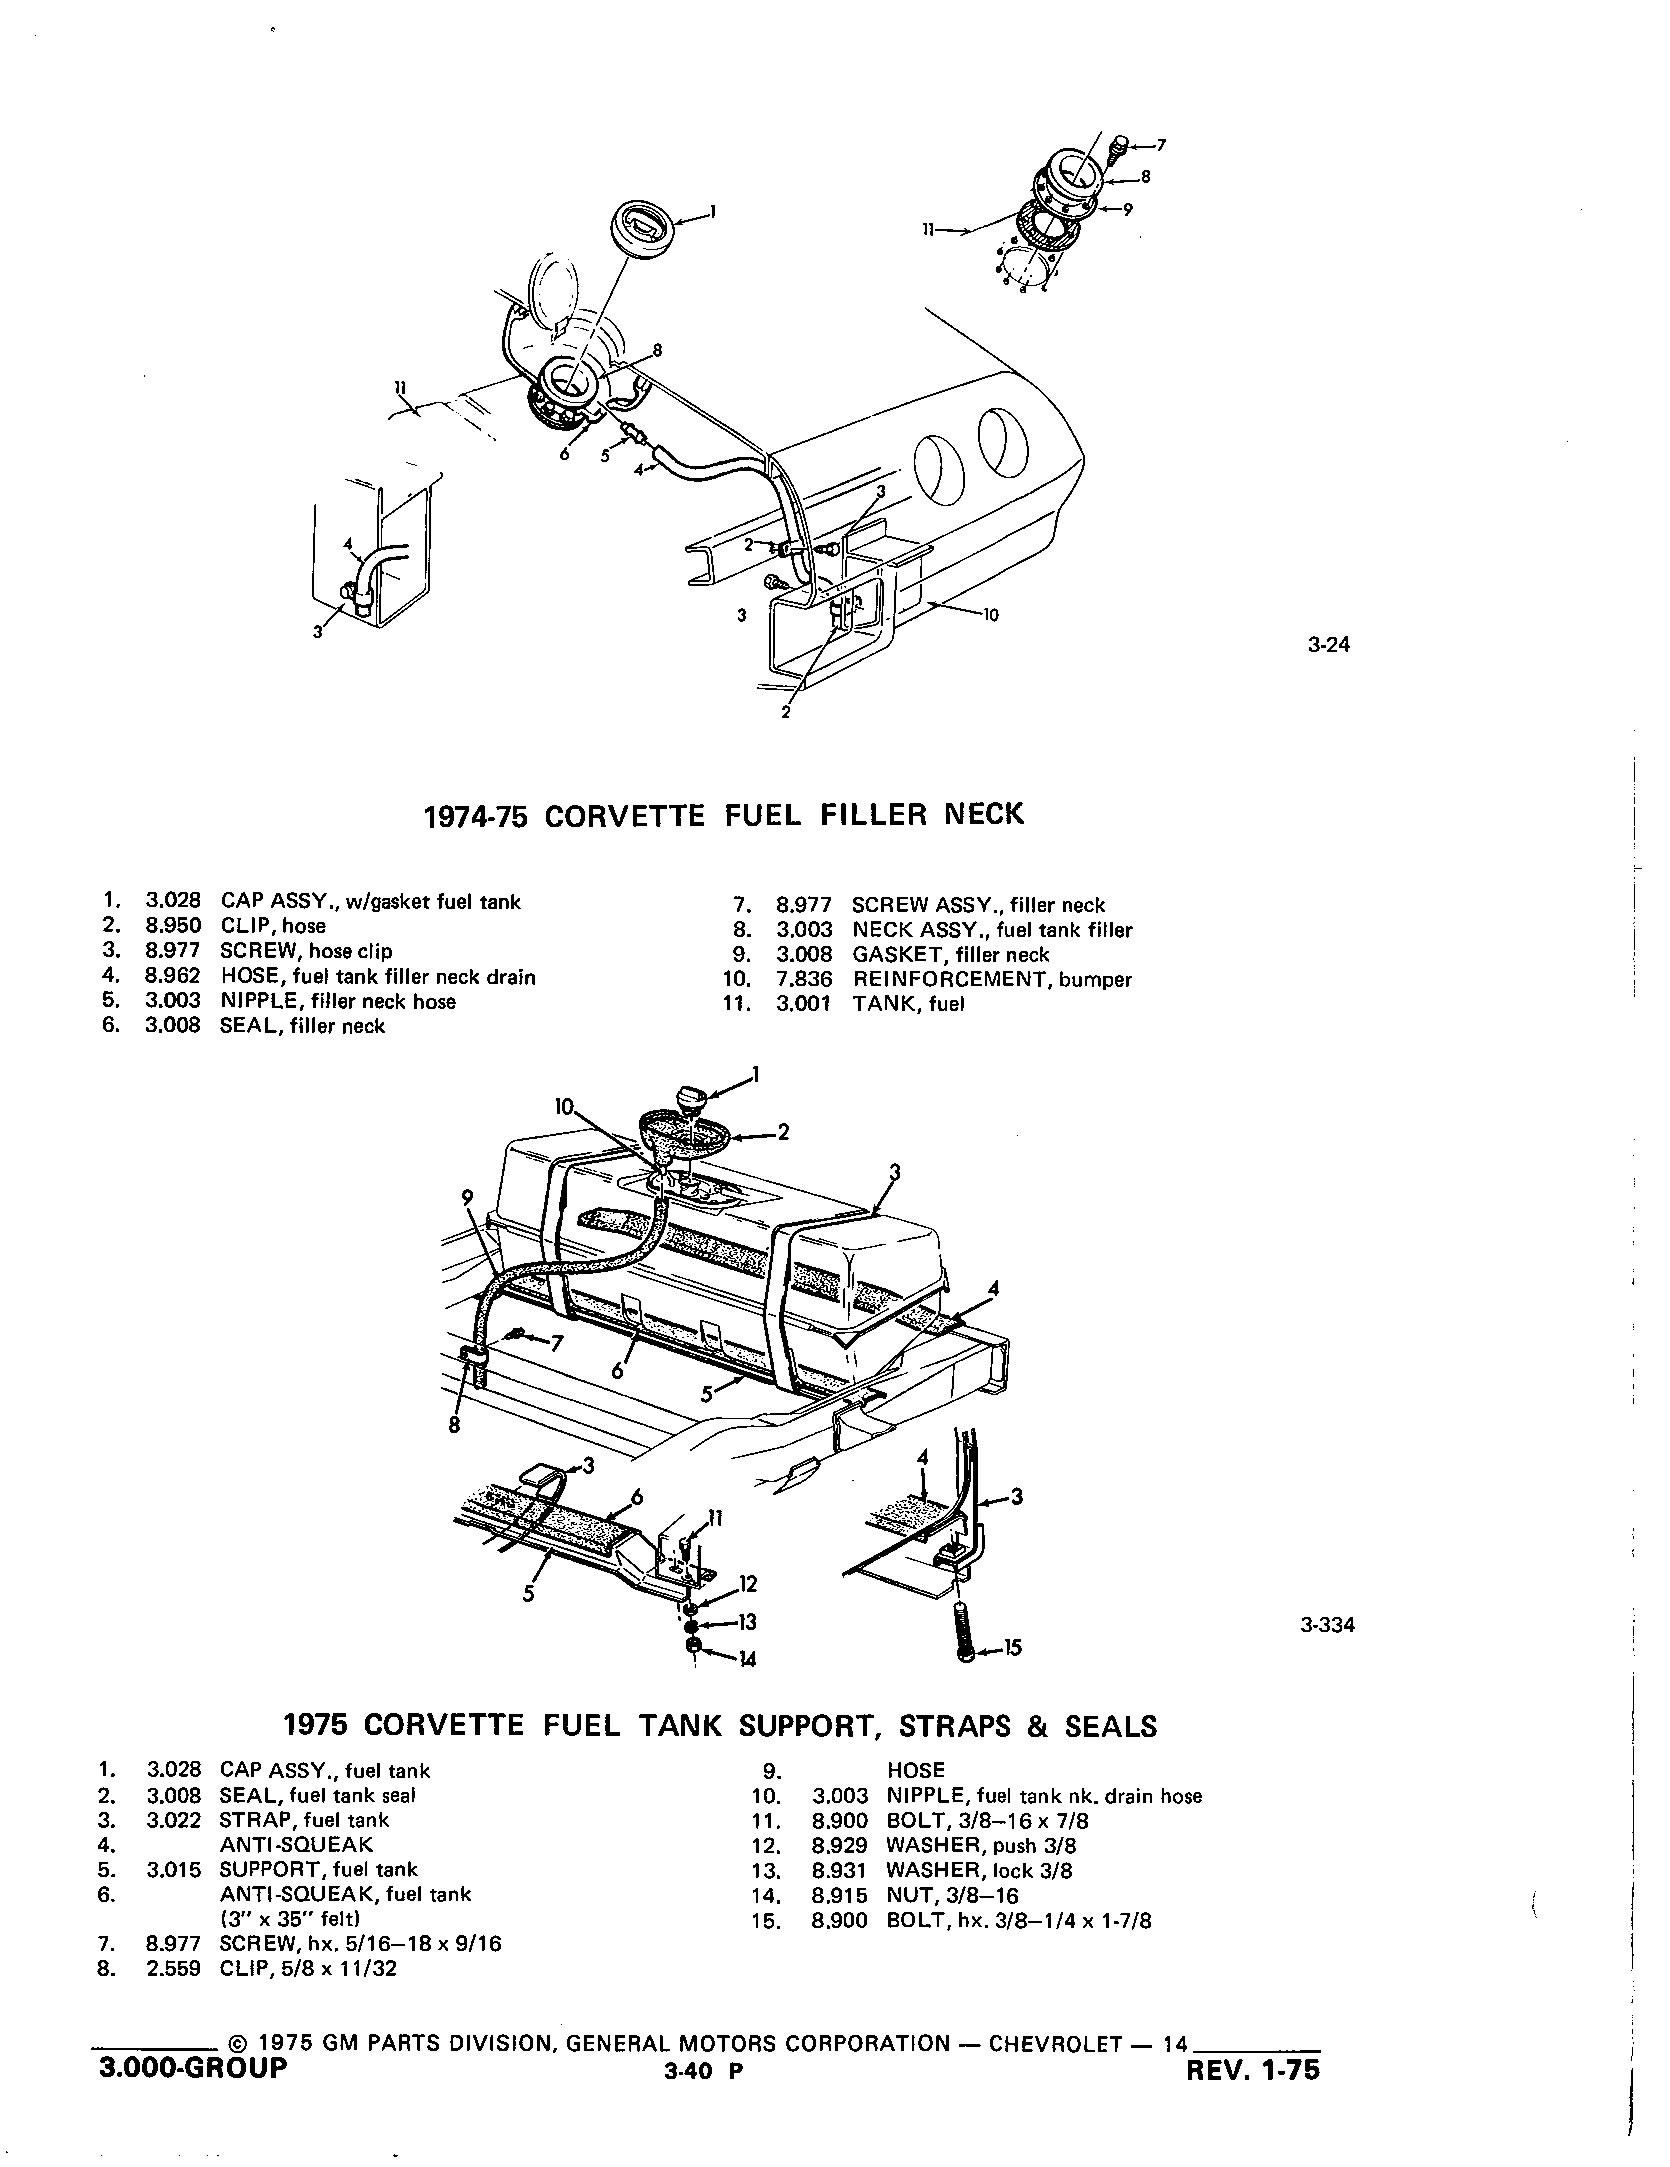 Group3 Fuel Exhaust Carburetion / 1953-1973 Corvette Parts